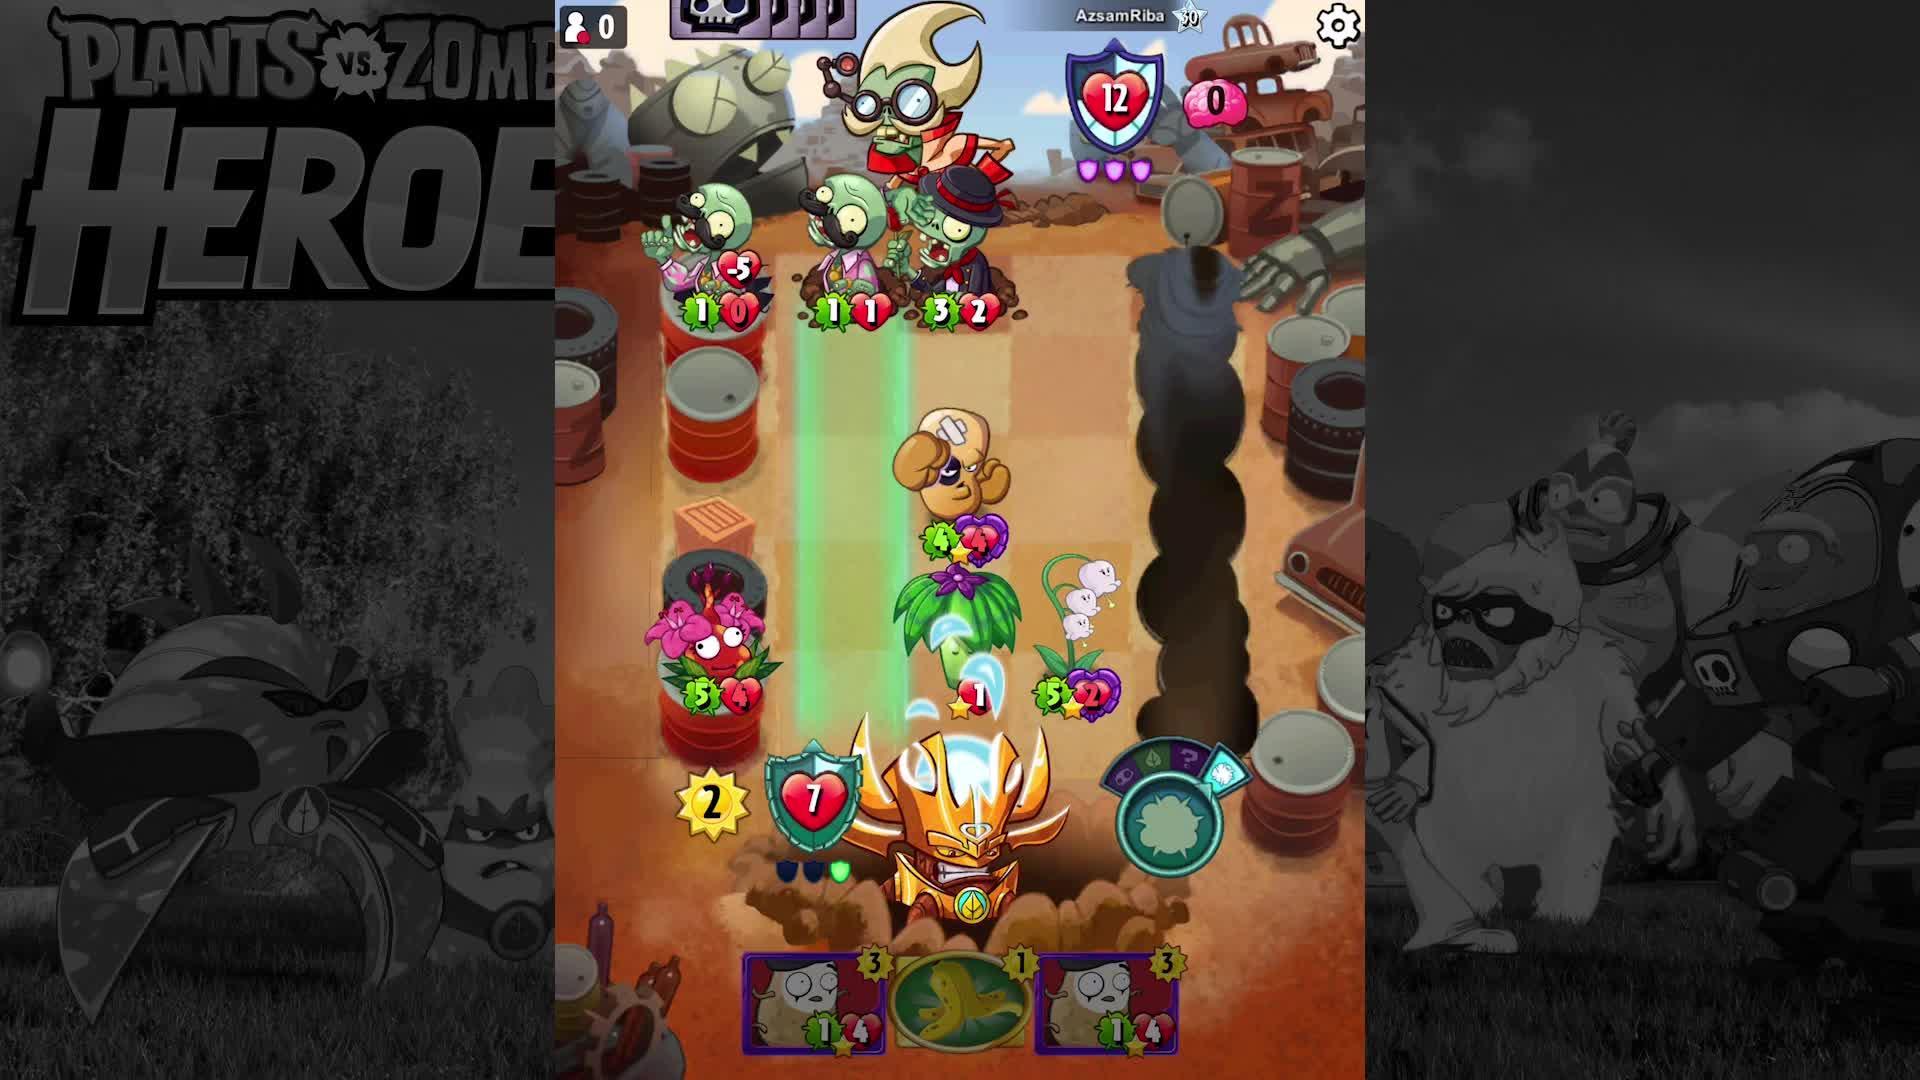 植物大战僵尸英雄 跳舞起来 麦丝解说